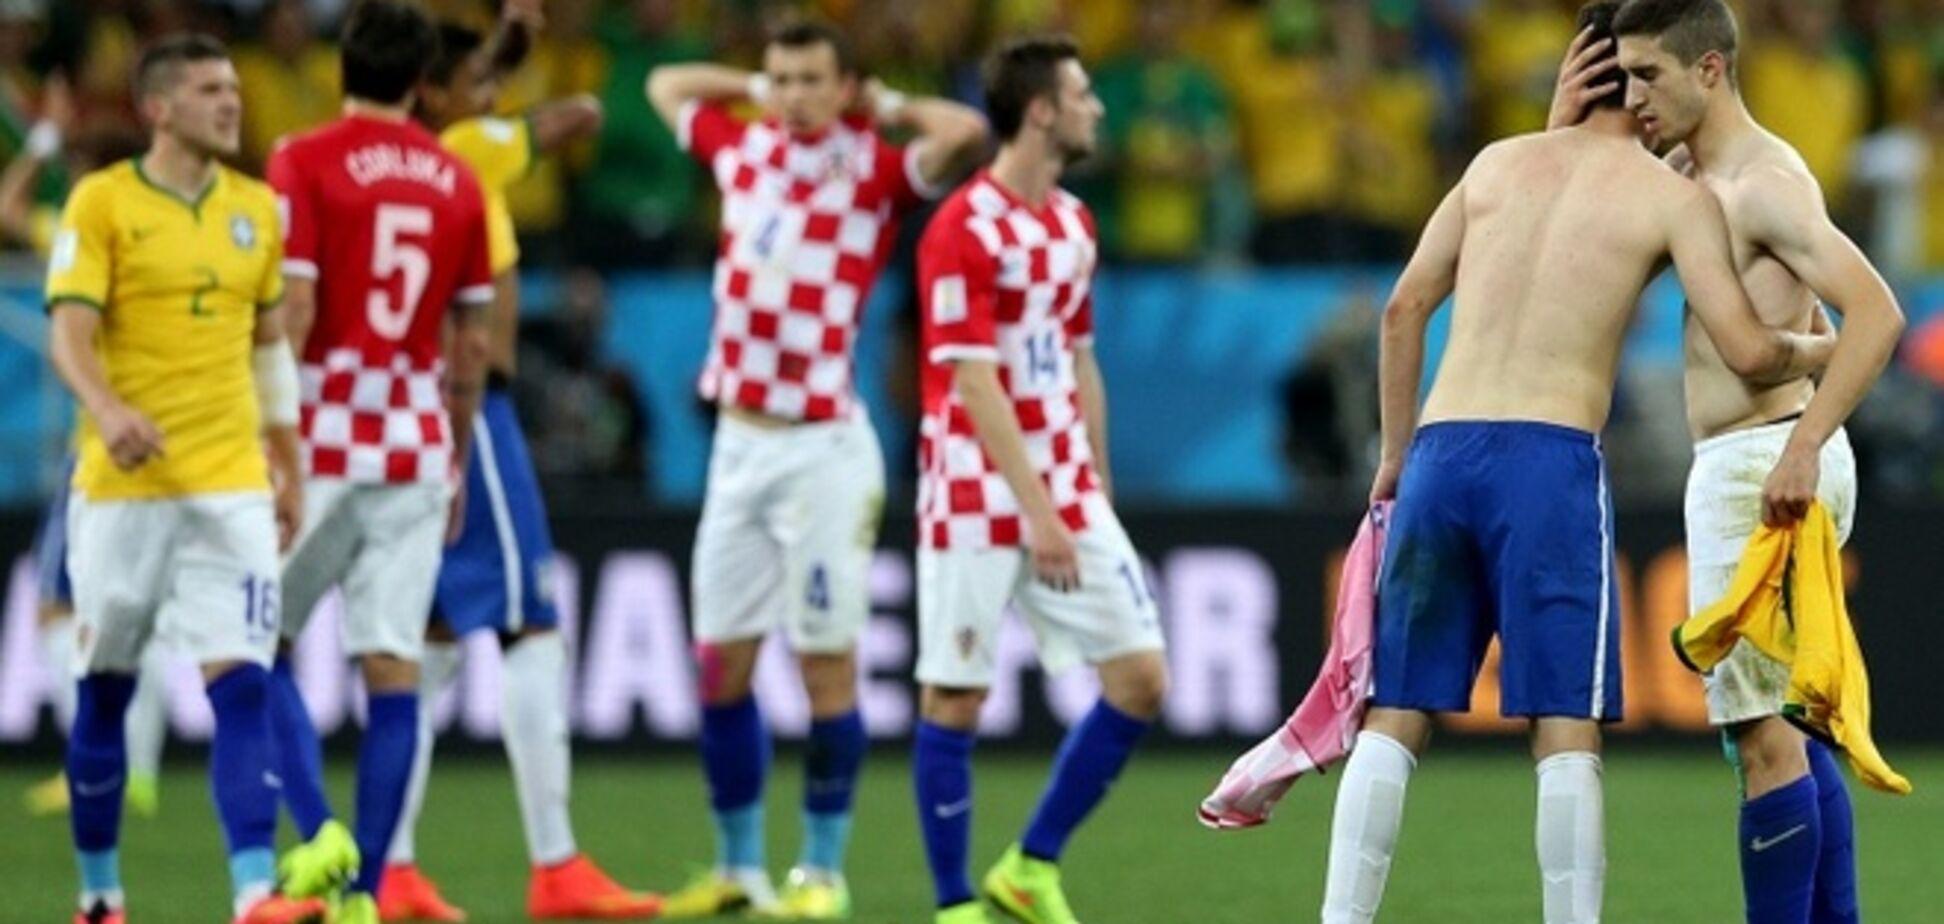 ЧМ-2014. Сборная Хорватии объявила бойкот СМИ после публикации их голых фотографий